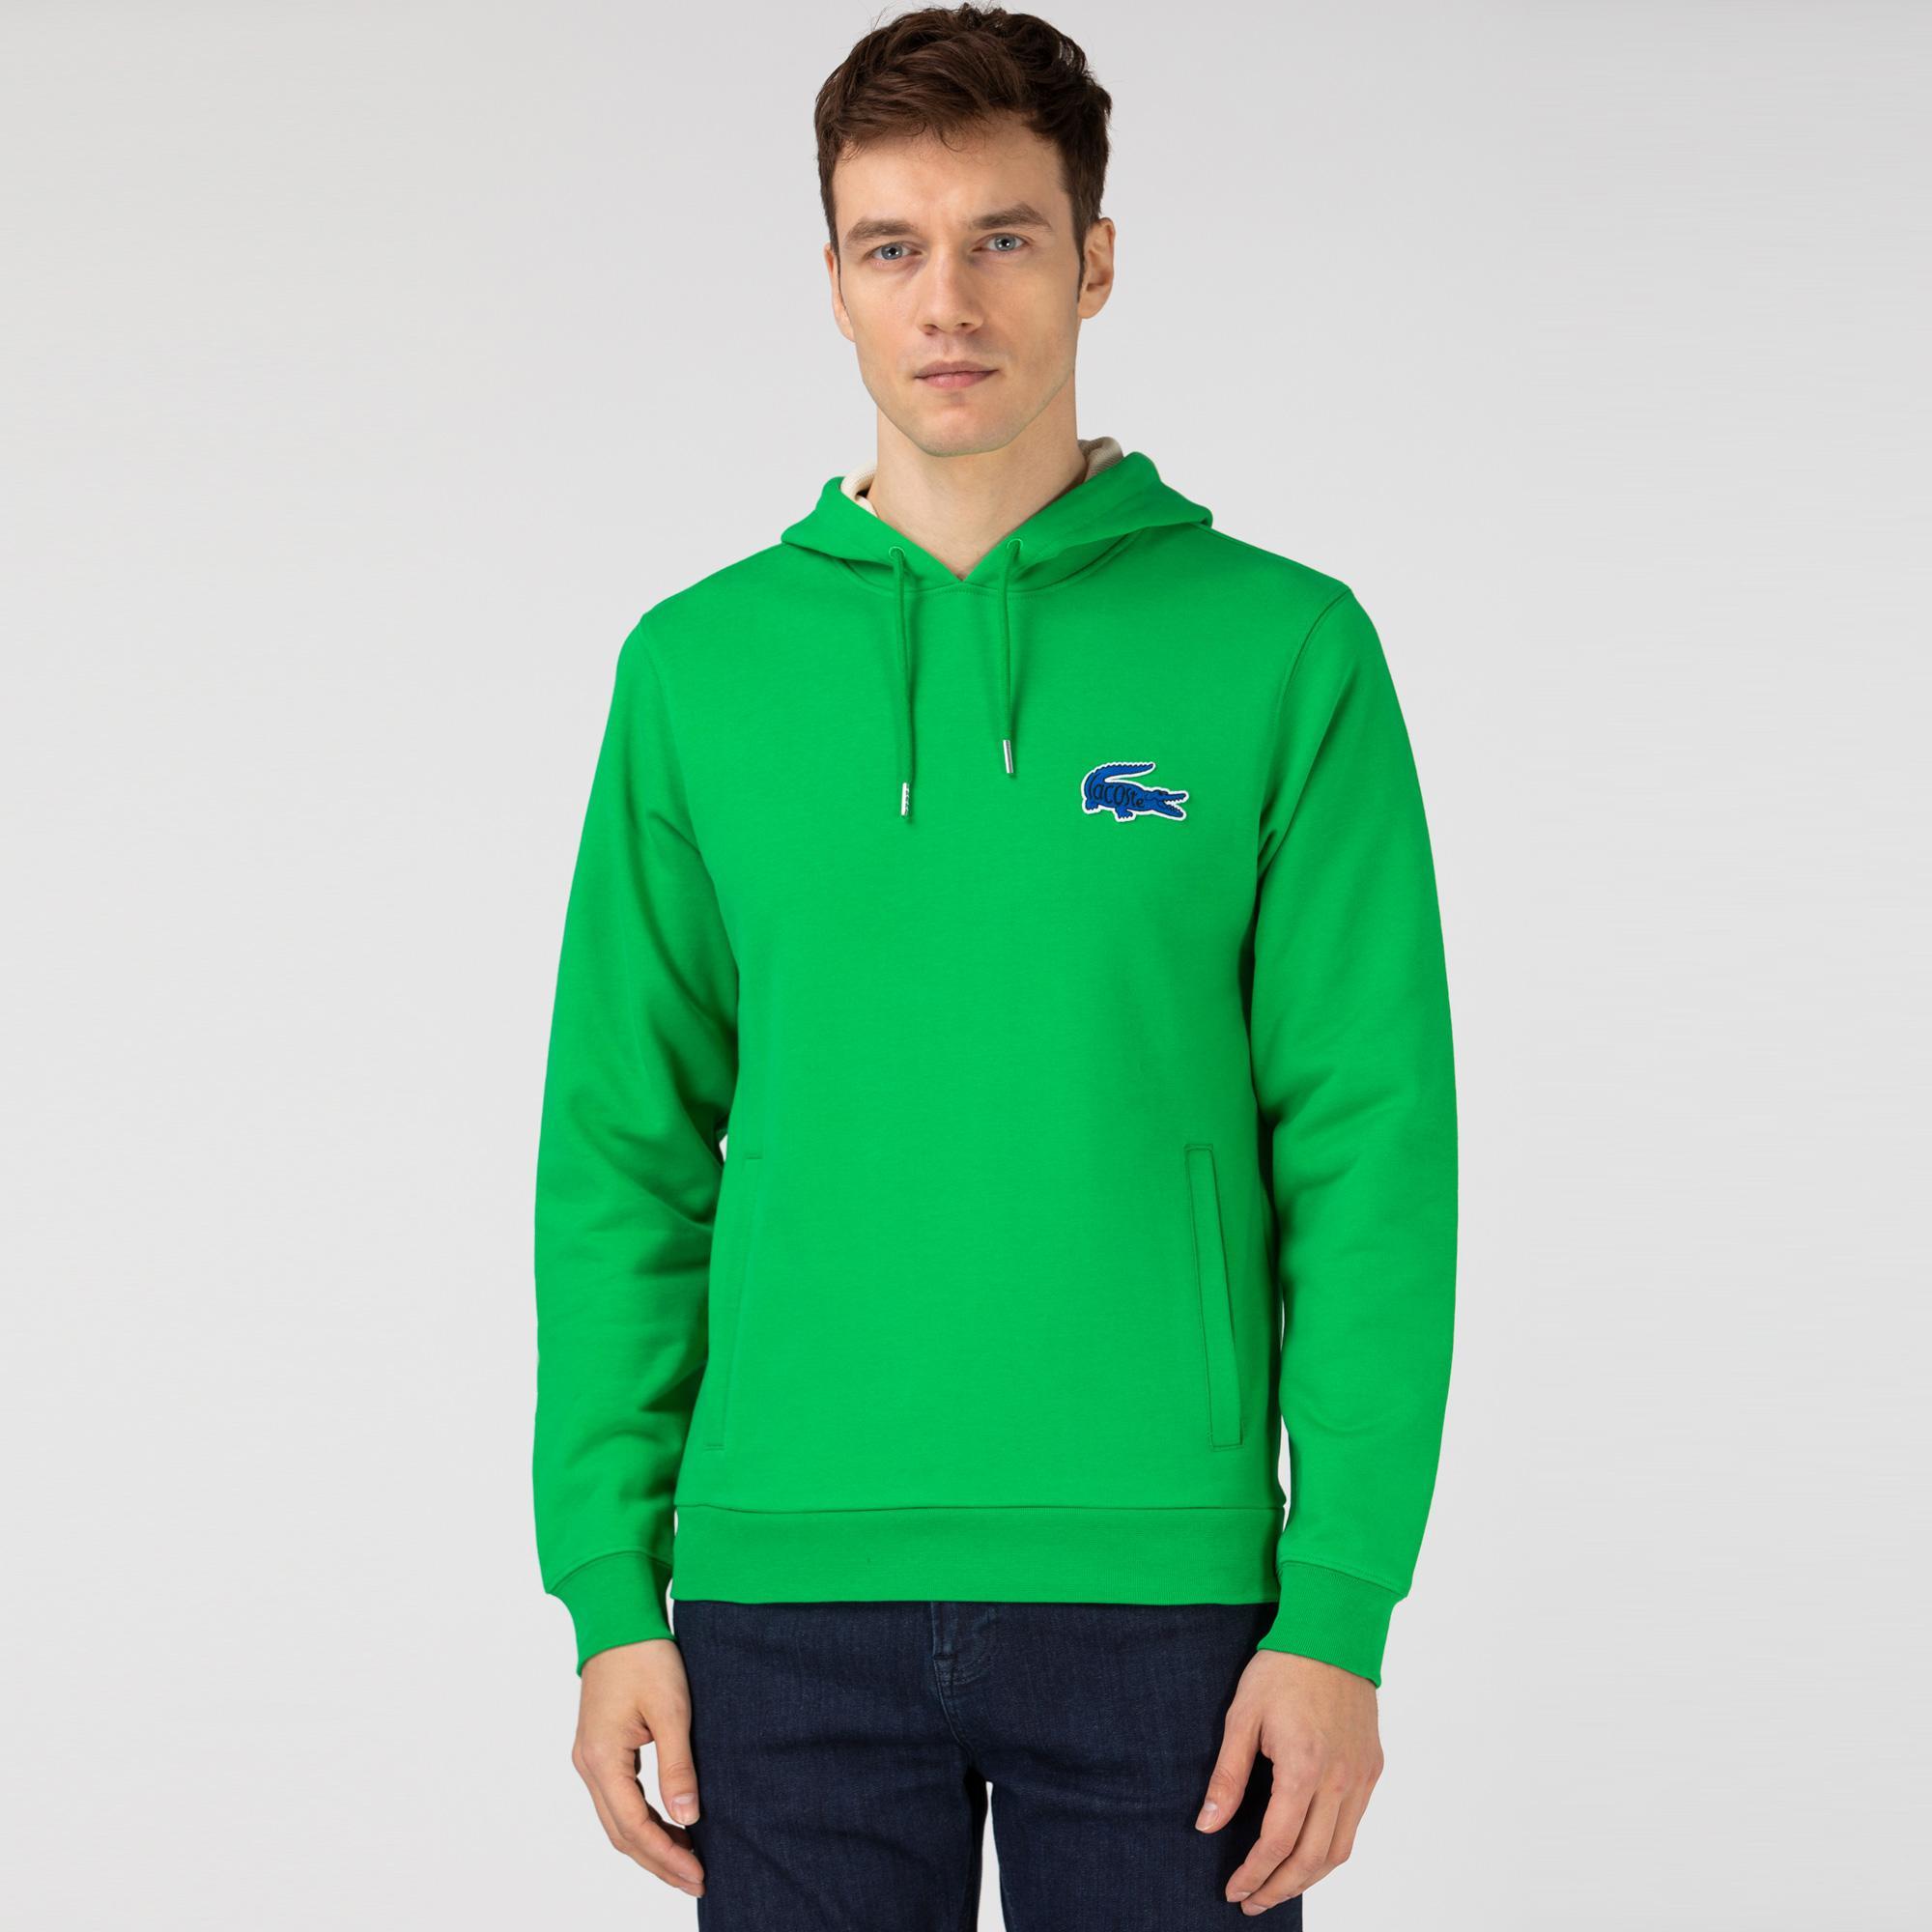 Lacoste Erkek Kapüşonlu Yeşil Sweatshirt